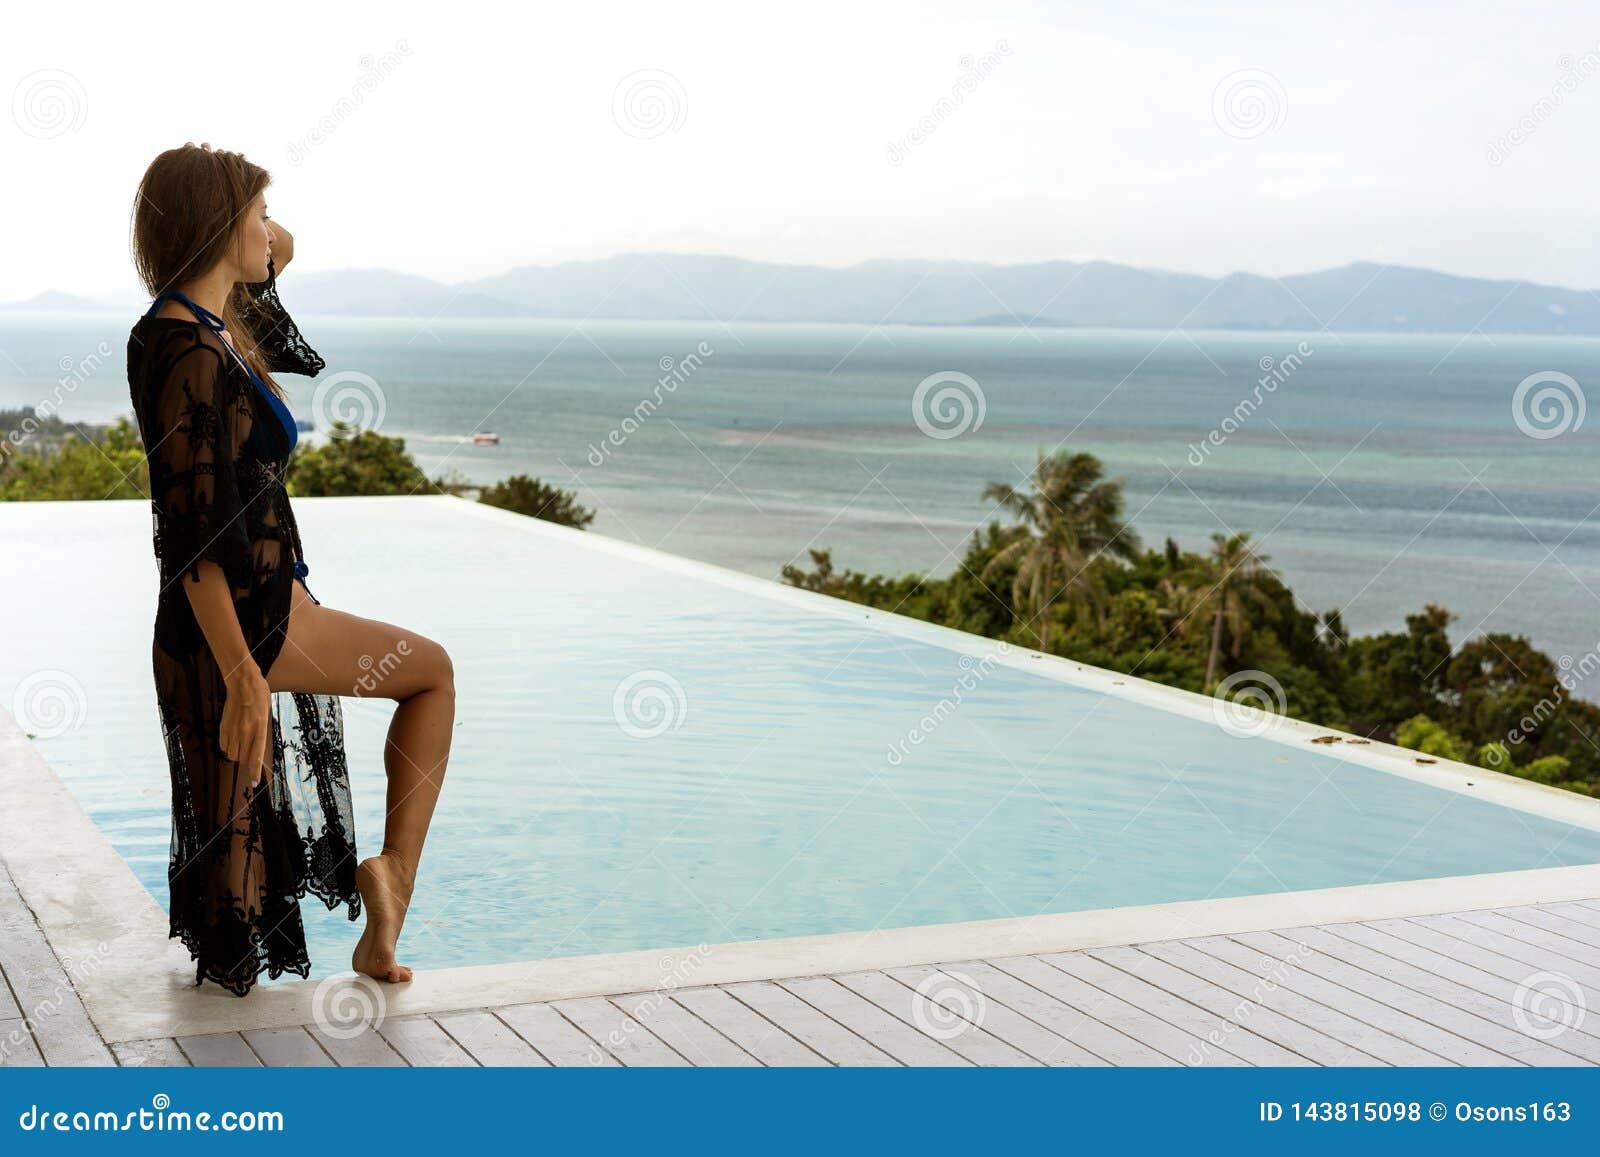 Mädchen steht auf der Küste, welche die Berge nahe dem Pool übersieht